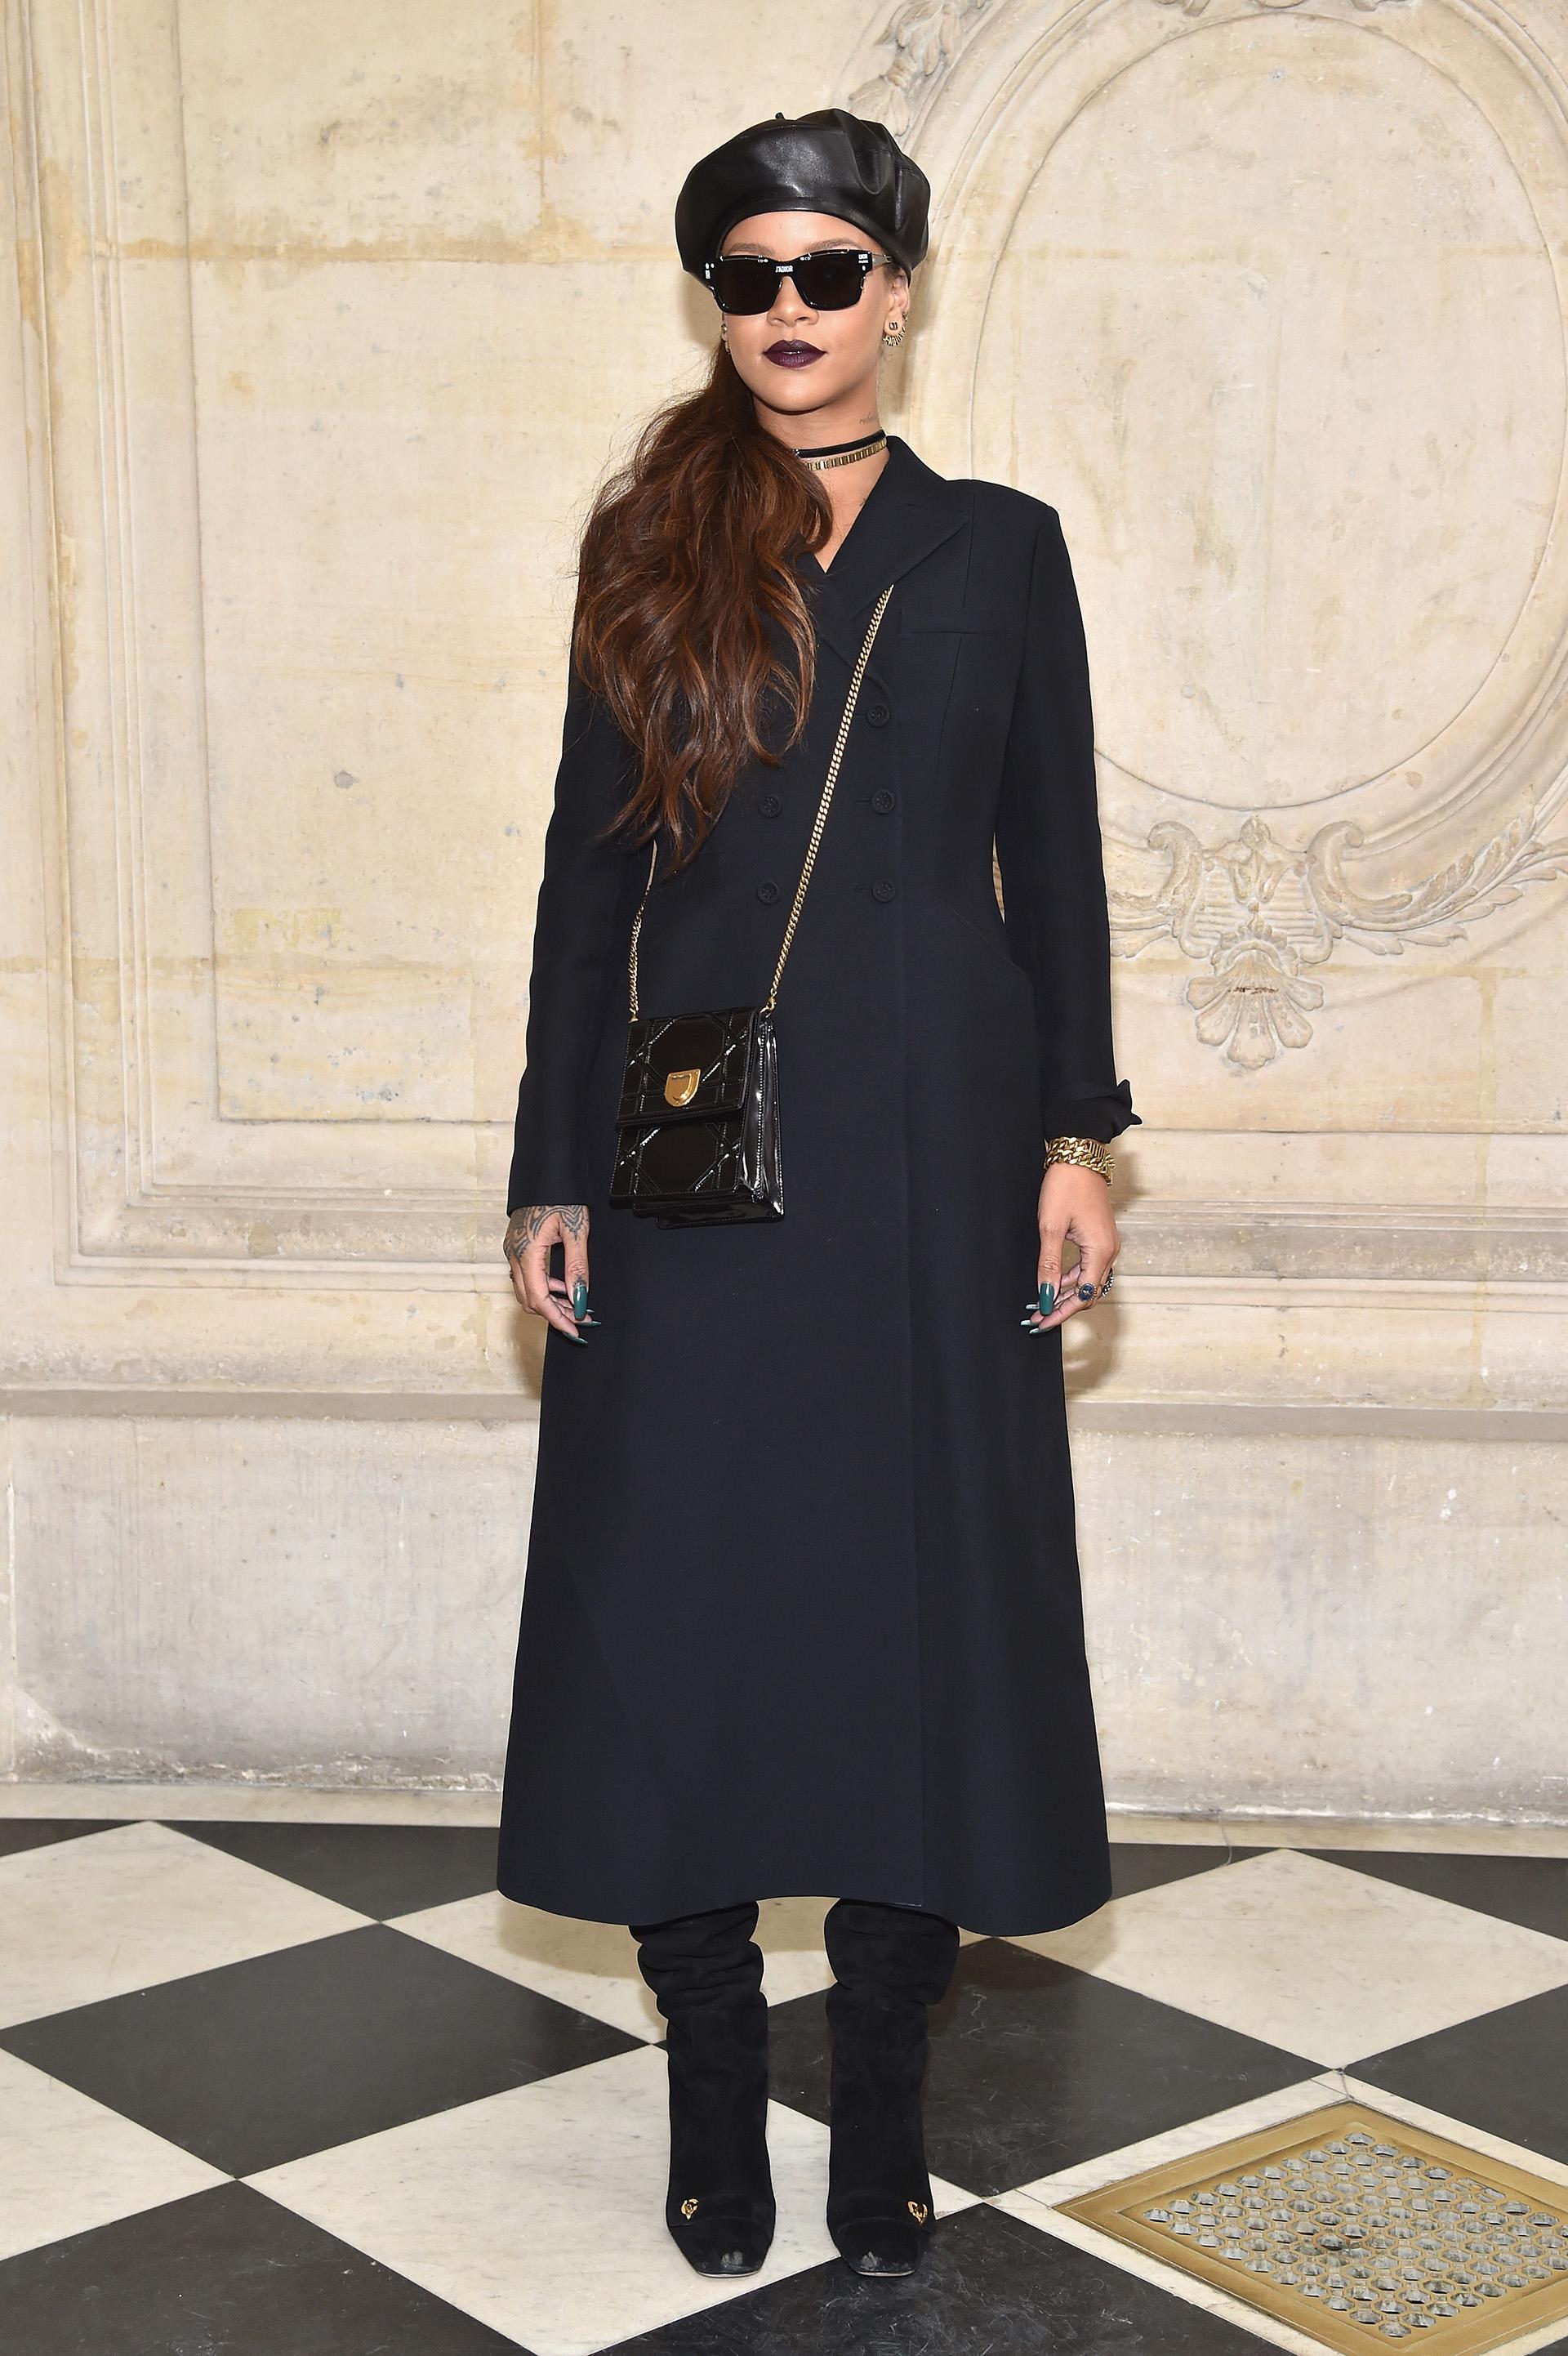 Rihanna llegó al Museo Rodin con un look 'total black' y grandes anteojos oscuros